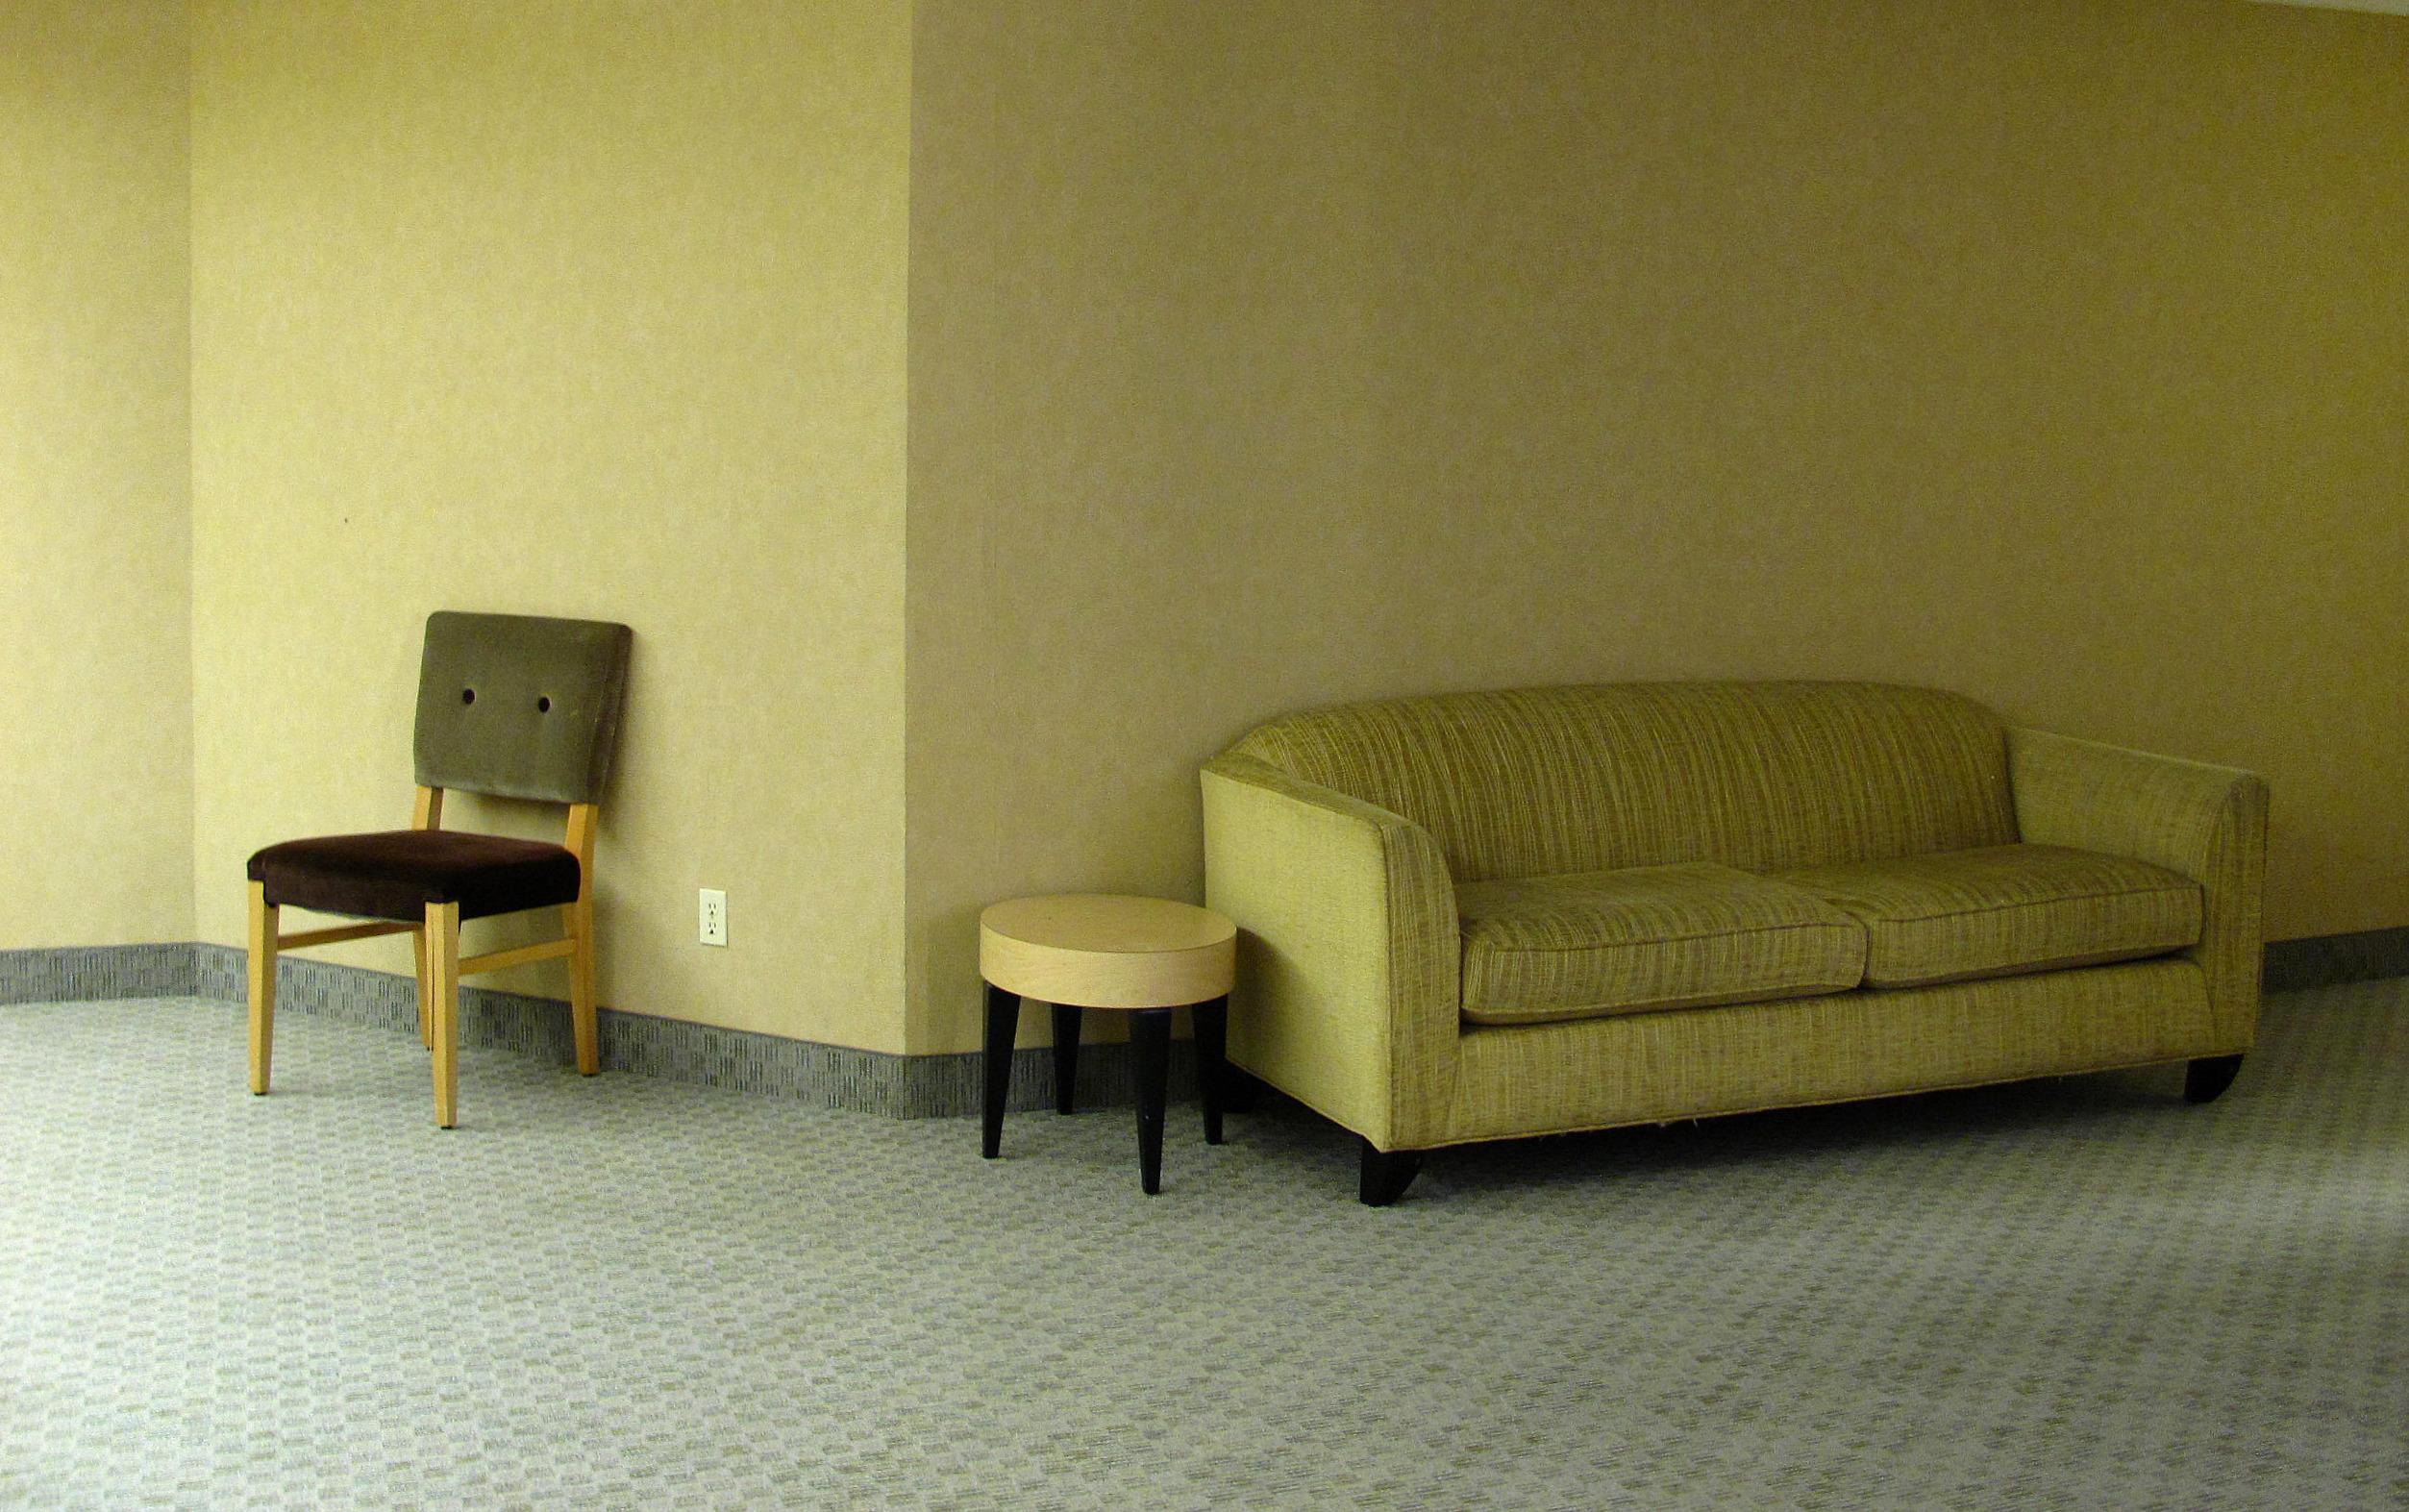 Tapis Et Canapé D Angle fond d'écran : chambre, mur, table, canapé, un hôtel, vert